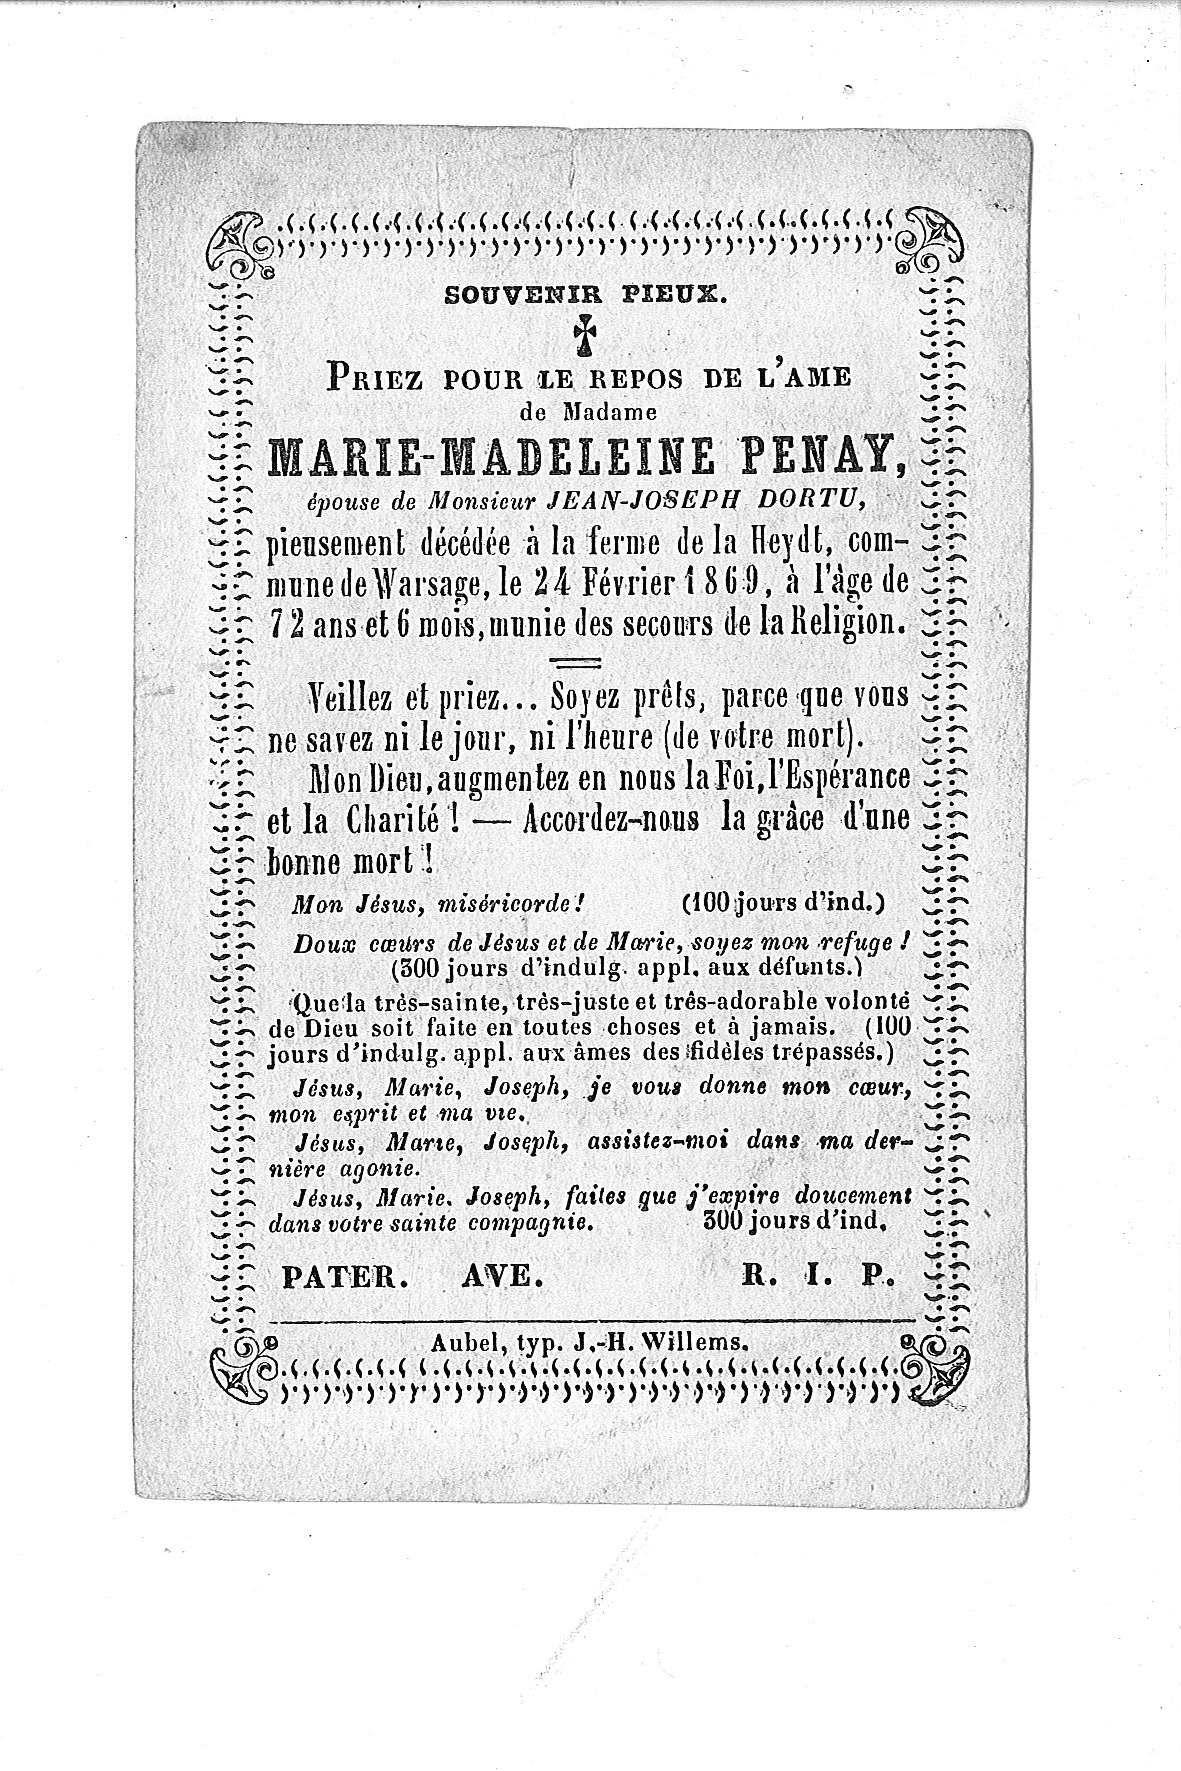 Marie-Madeleine(1869)20100407113039_00002.jpg